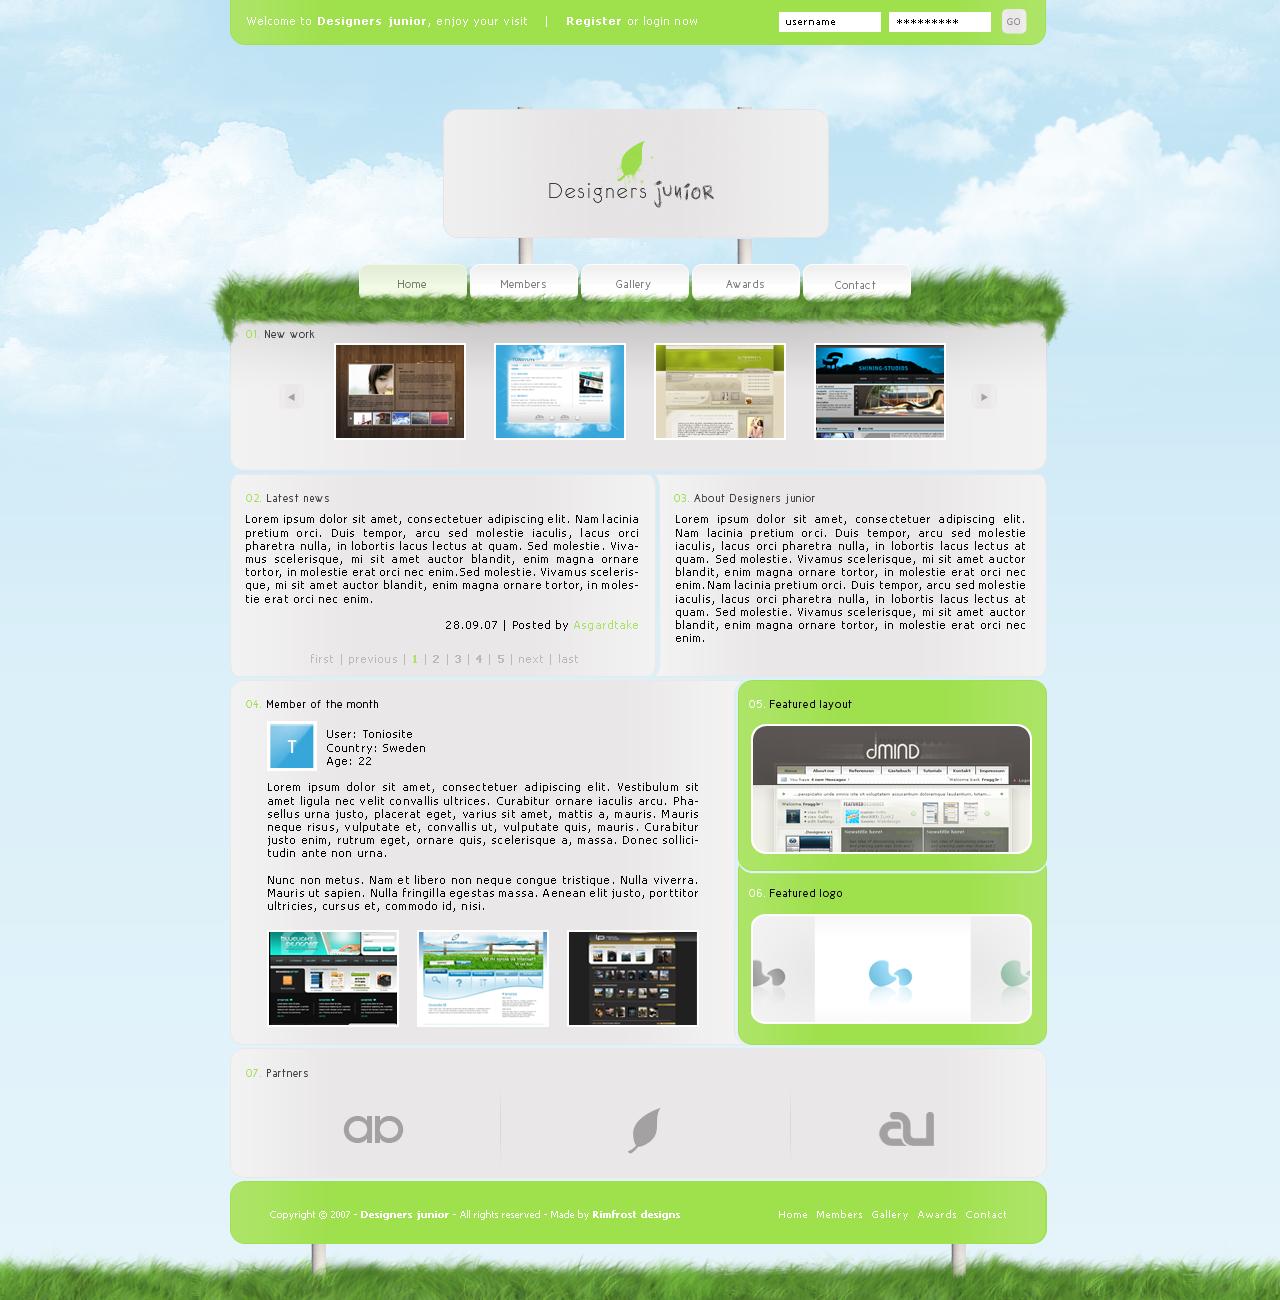 Designers junior layout